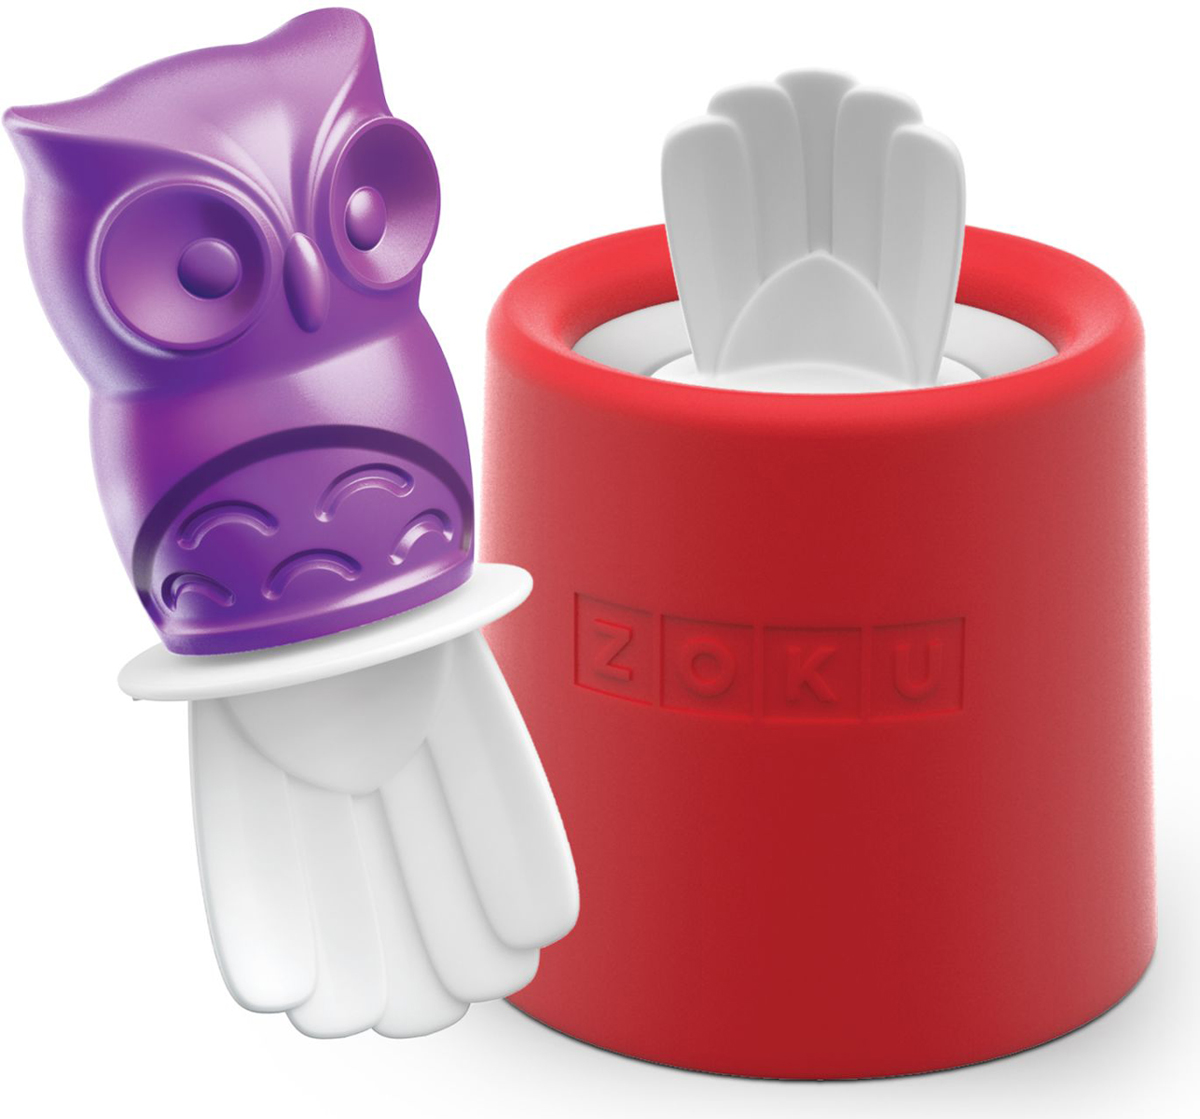 Форма для мороженого Zoku Owl, цвет: красный, 45 мл. ZK123-014ZK123-014Уникальная коллекция формочек для мороженого включает в себя 8 разных фигурок, с помощью которых вы сможете готовить вкусные и полезные домашние десерты. Теперь каждому члену семьи достанется свой персонаж, и не придется путаться в том, кому и какое лакомство принадлежит.Для приготовления мороженого залейте жидкость в форму Zoku Owl до отметки и вставьте внутрь палочку. Оставьте в морозильной камере на восемь и более часов. Когда продукт готов, просто вытащите палочку и наслаждайтесь натуральным десертом собственного приготовления.Форма не содержит вредных примесей и бисфенола-А. Моется вручную. Объем - 45 мл.